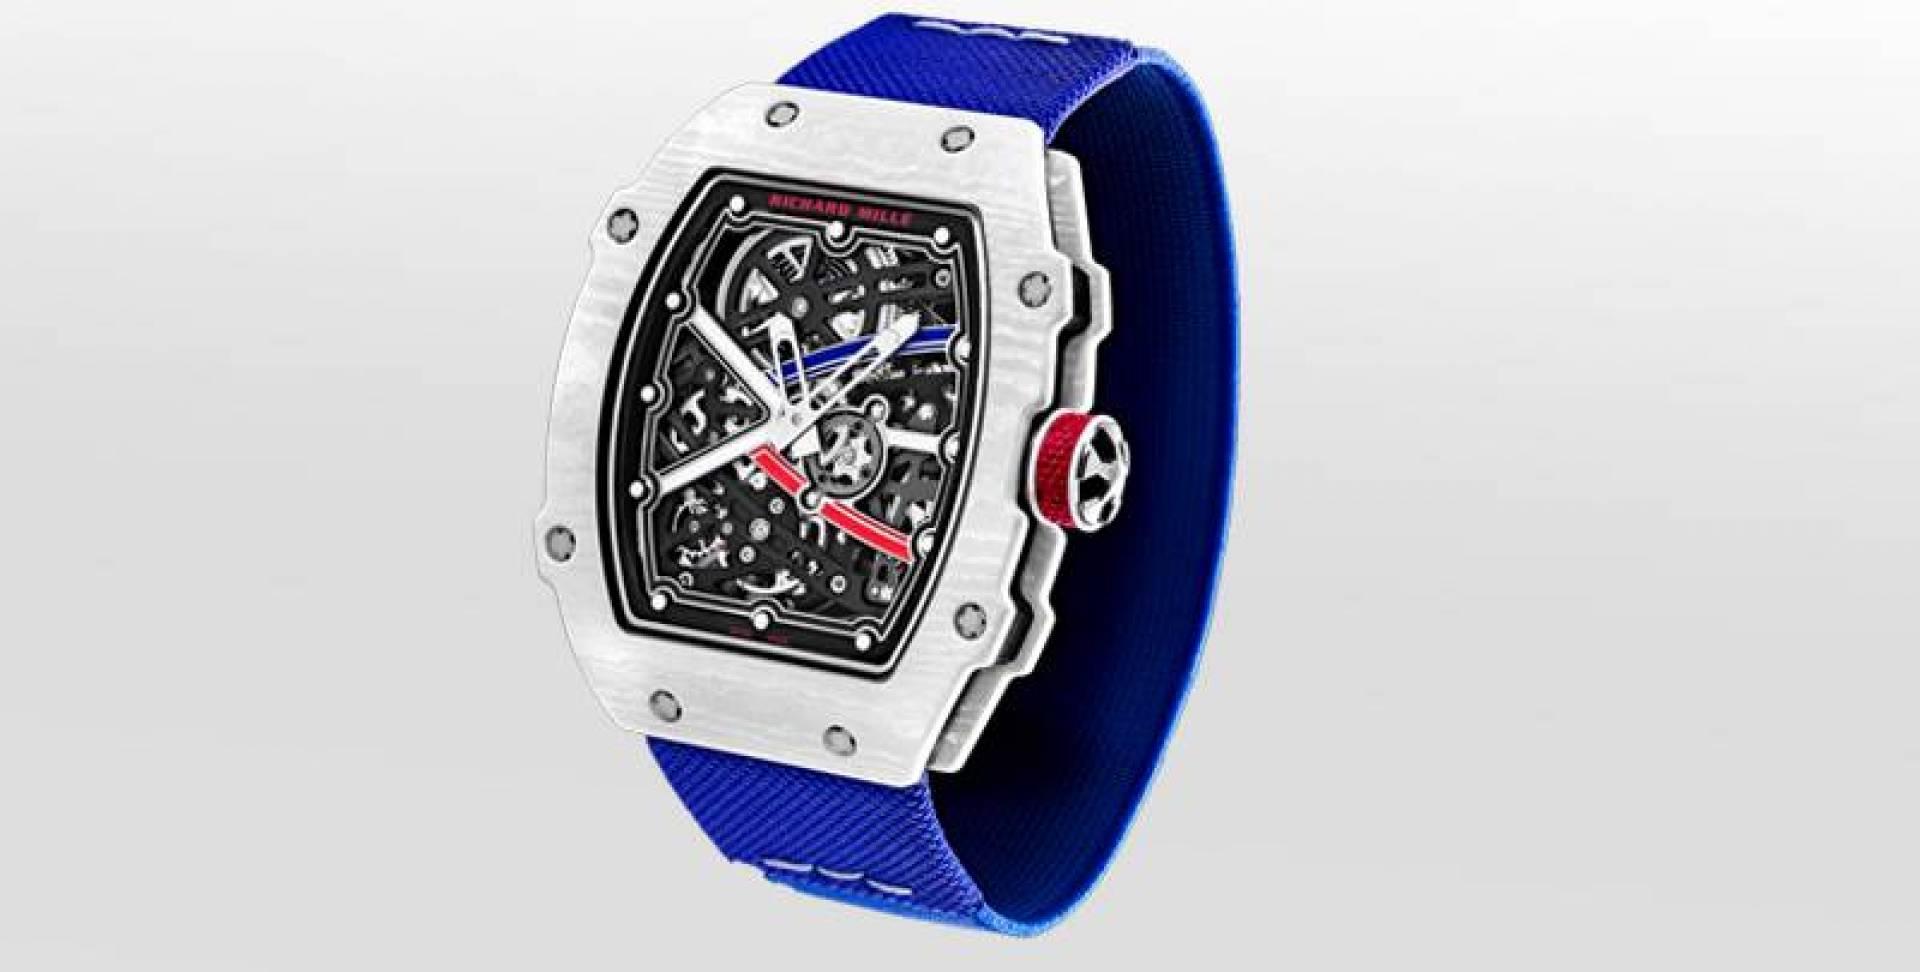 بيع ساعة Richard Mille بـ 68 ألف دينار